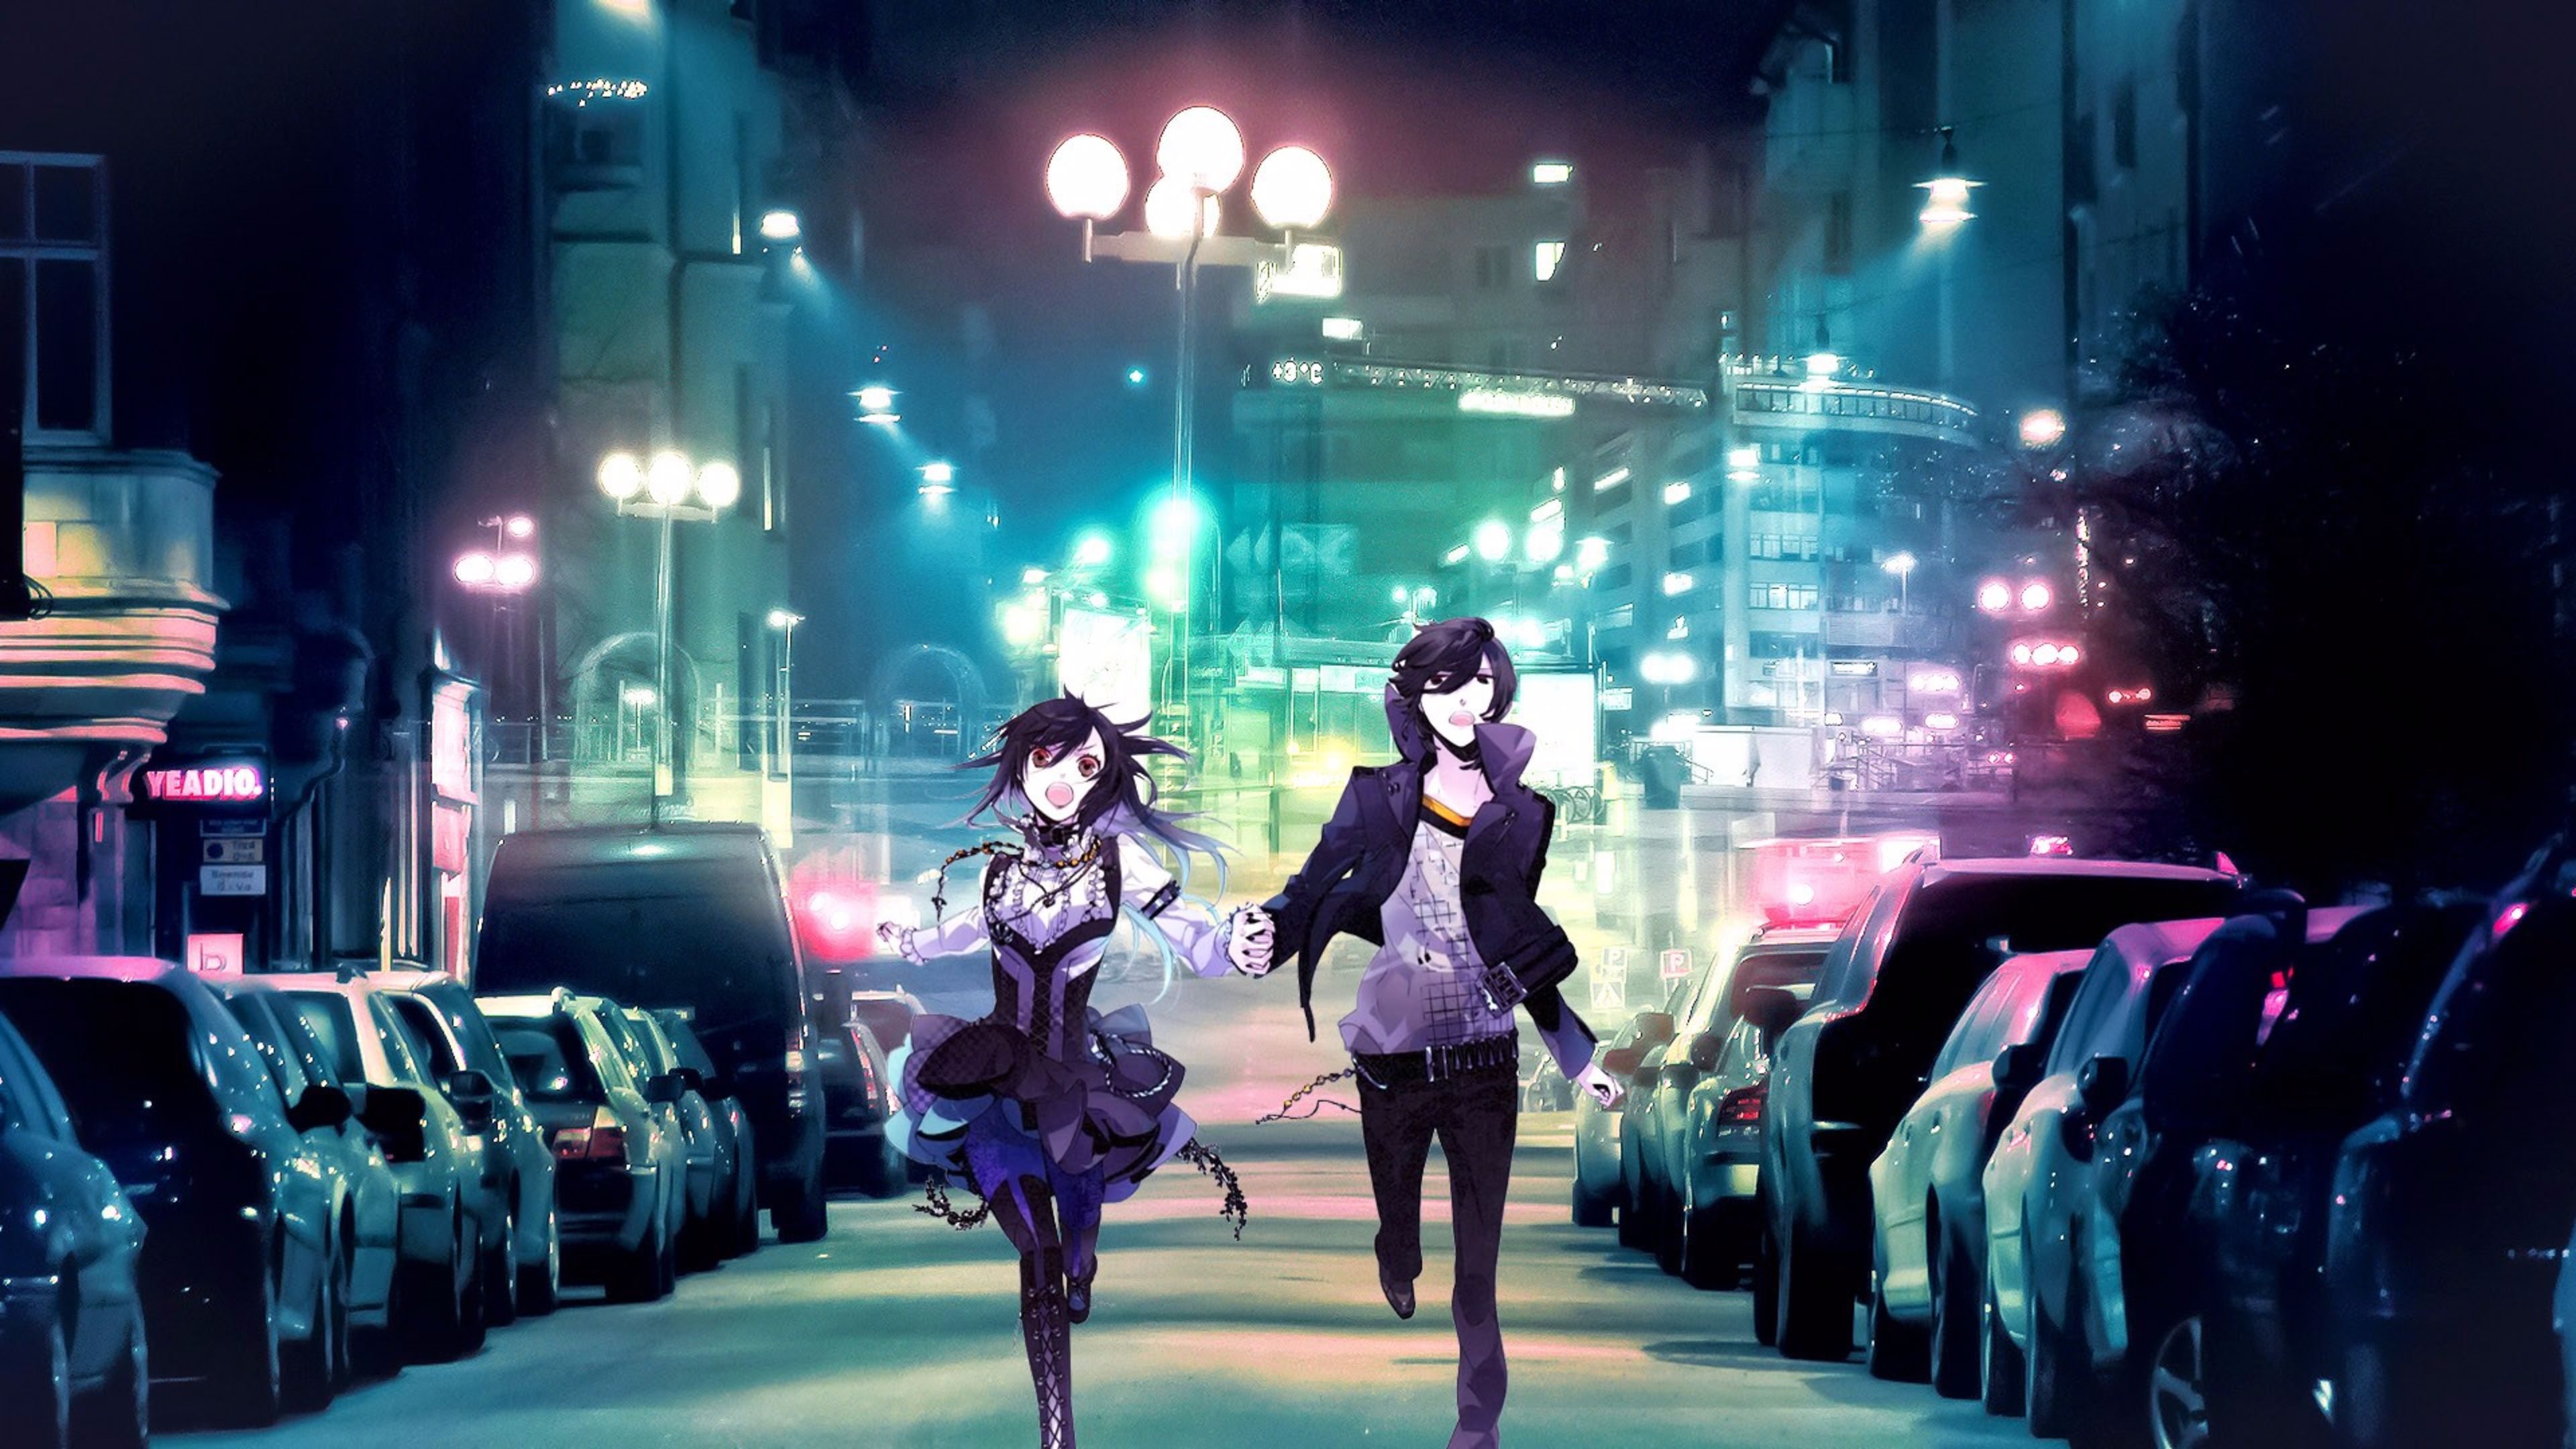 Running the Streets 2016 4K Anime Wallpaper 4K Wallpaper 3840x2160